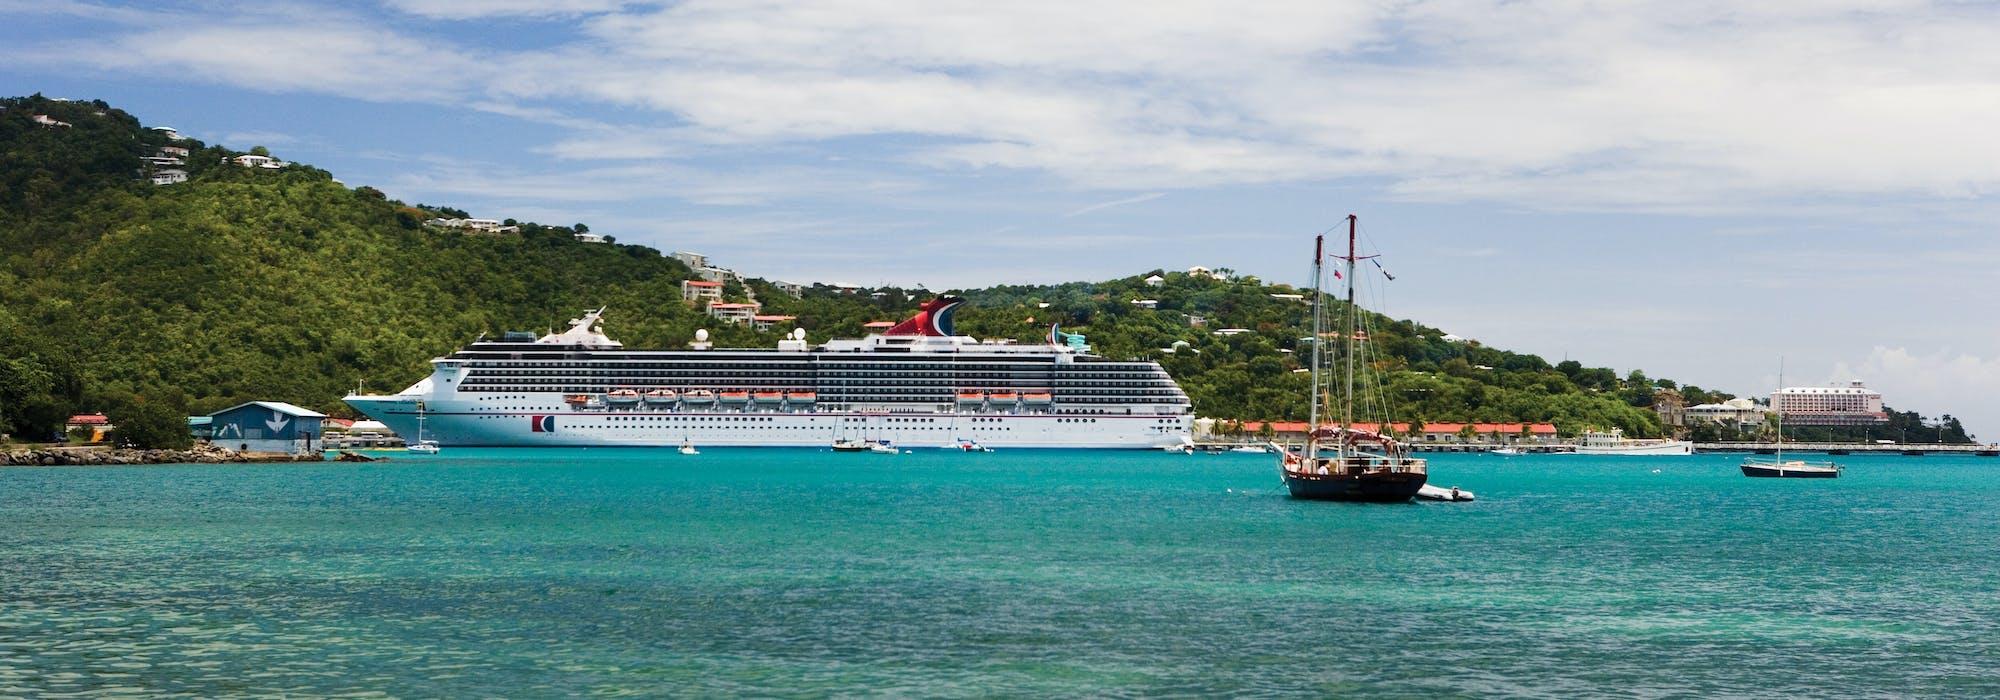 Carnival Legend ligger ankrad i en vacker hamn med klart blått vatten med gröna berg i bakgrunden.